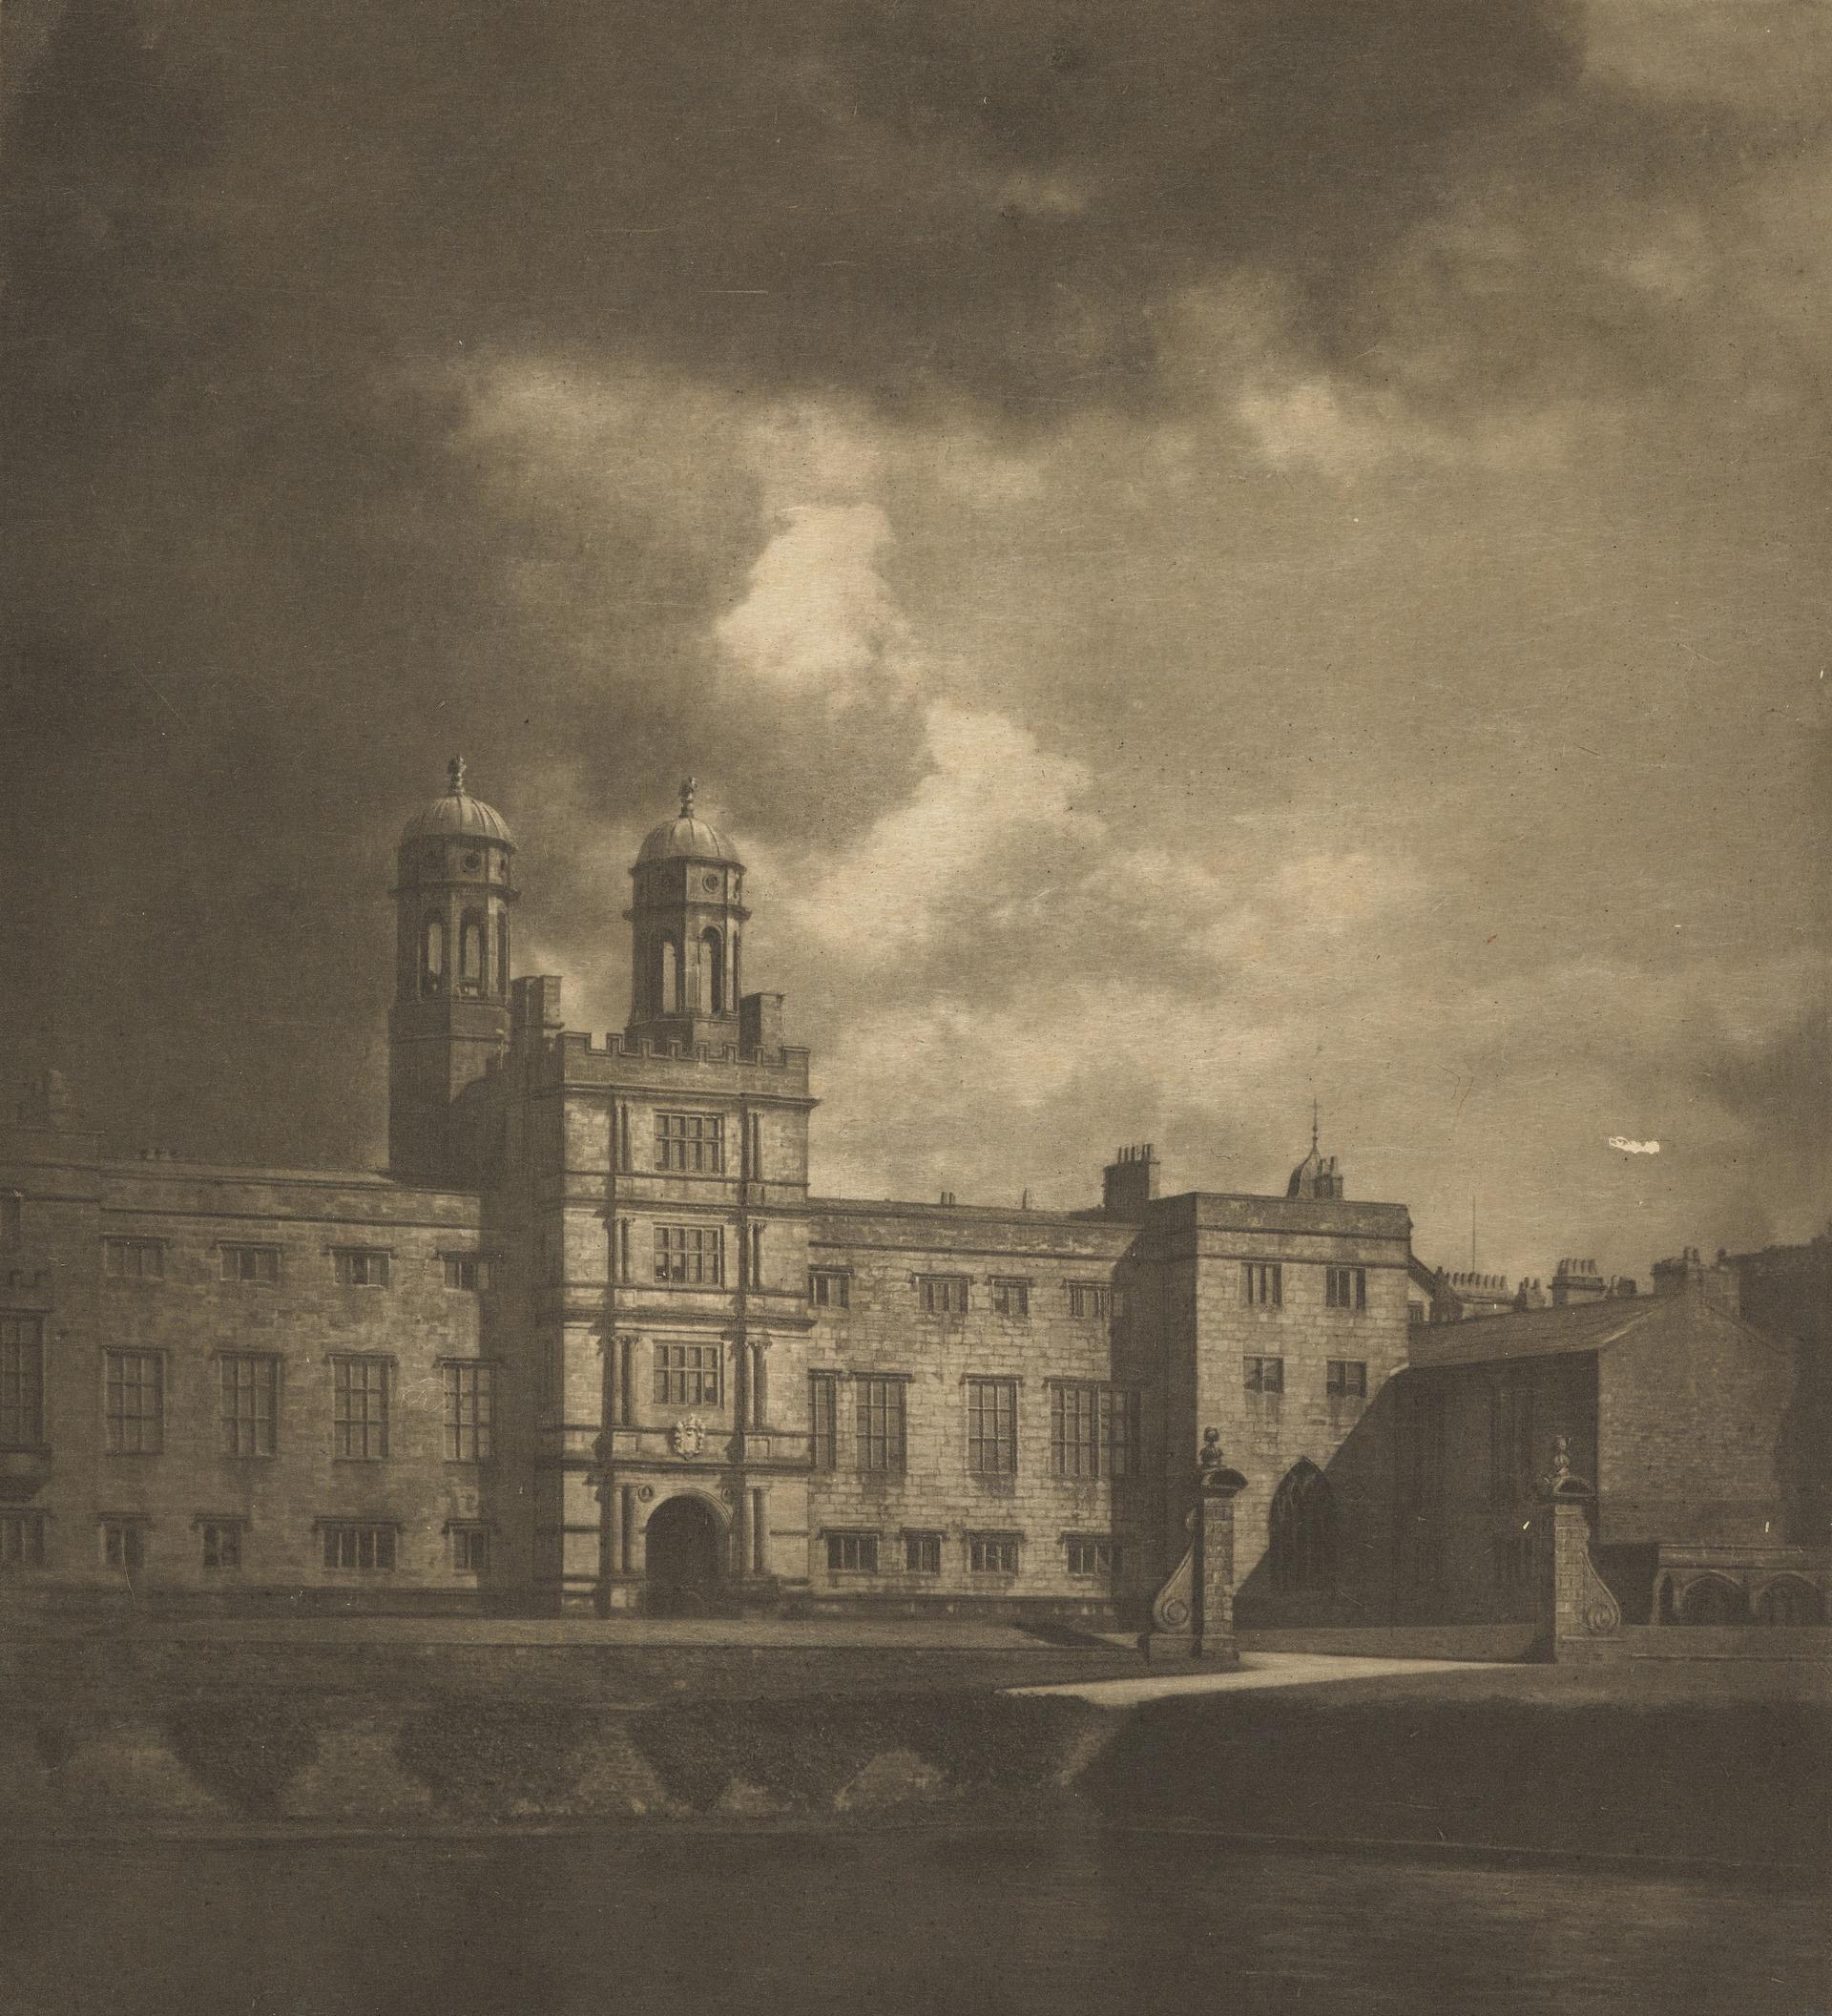 1900-е. Стонихерст, Ланкашир